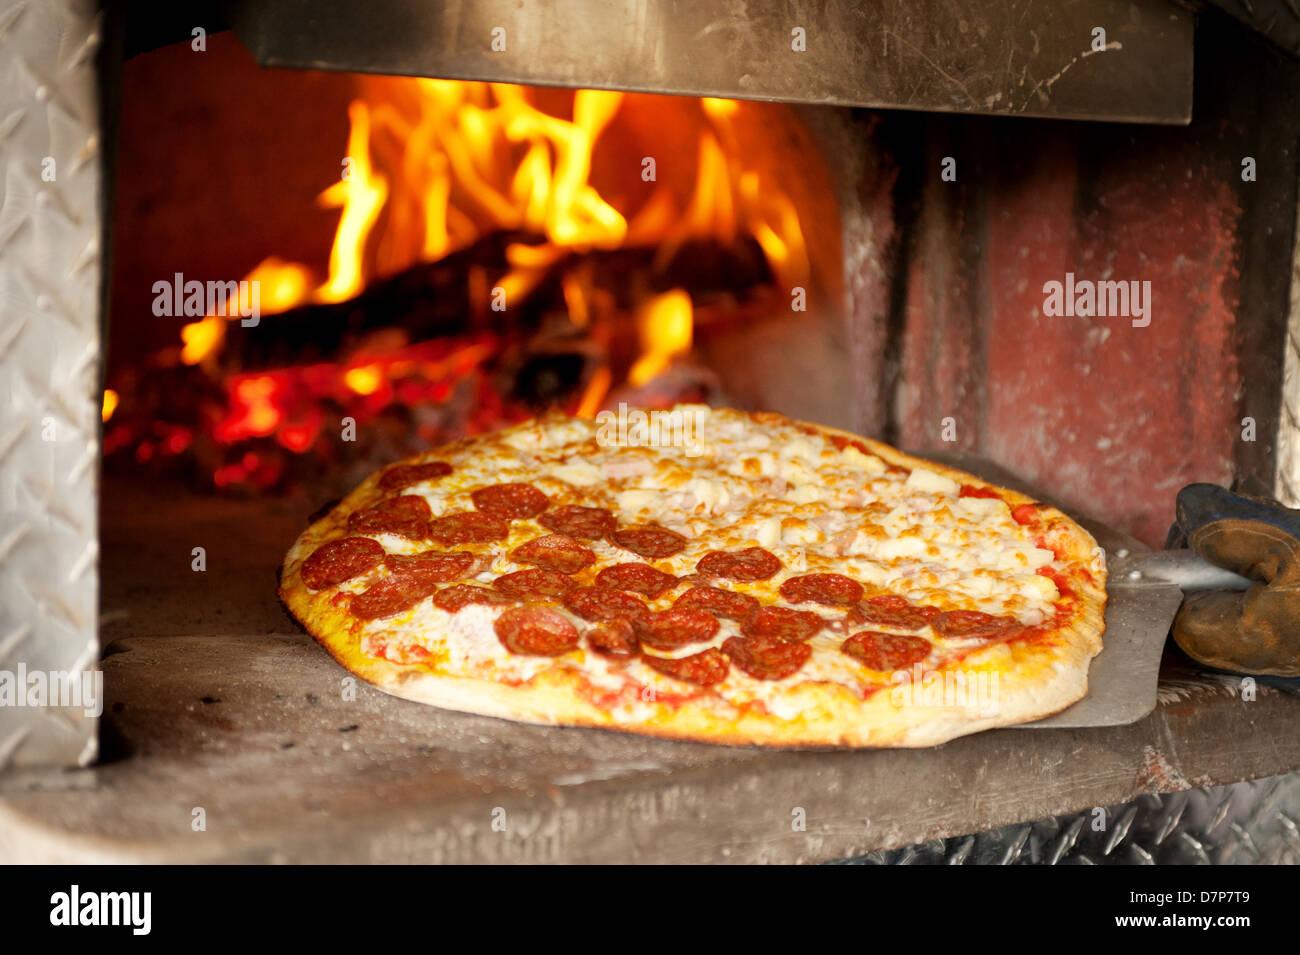 Une pizza au pepperoni, cuit dans un four à pizza au feu de bois. Photo Stock